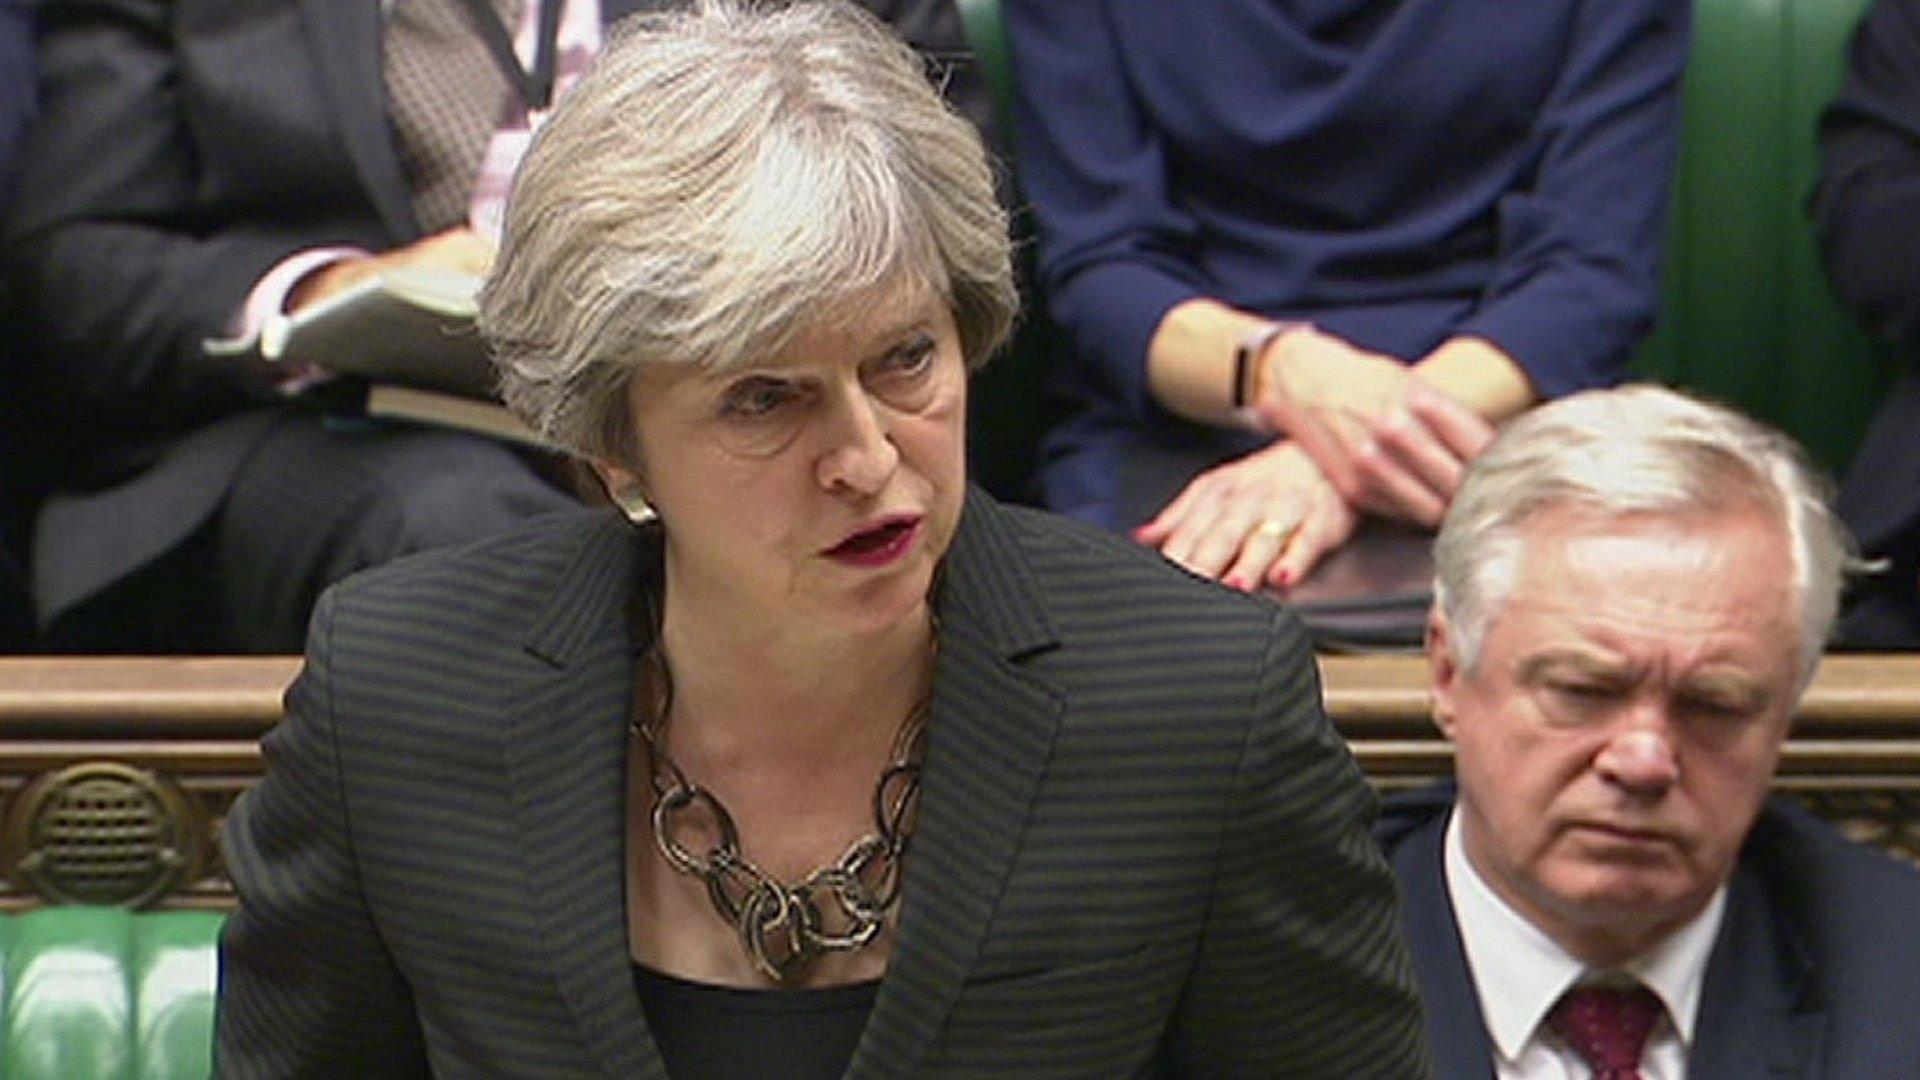 Brexit: Theresa May says 'important progress' made at EU summit